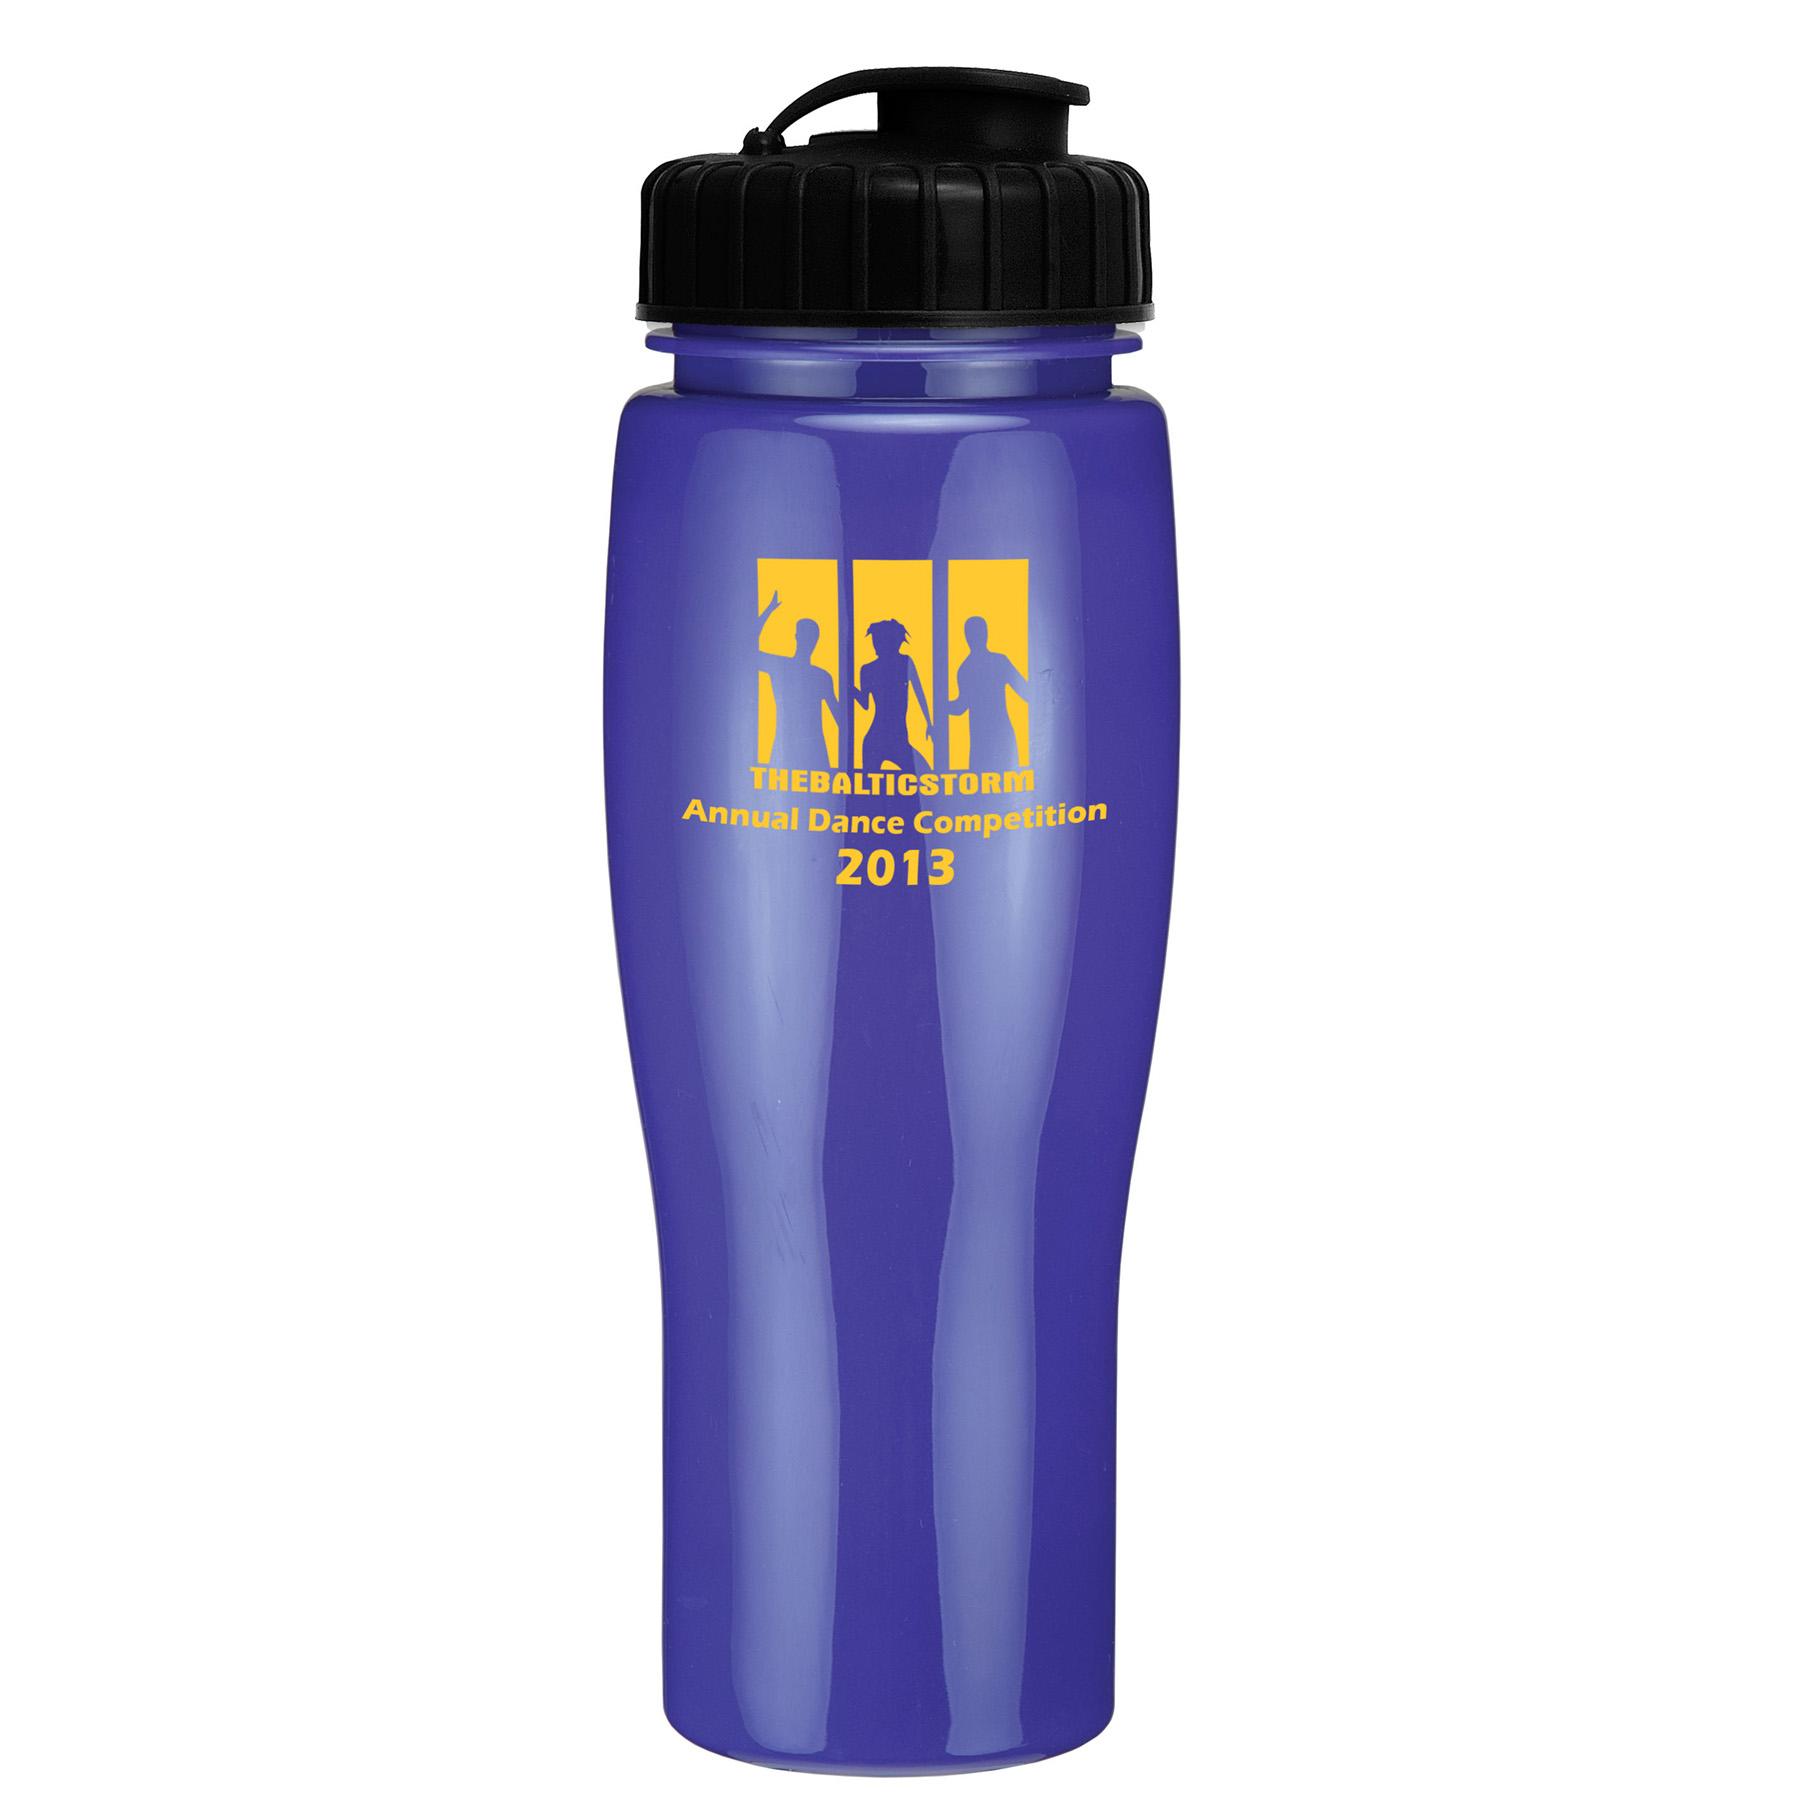 24 Oz. Contour Bottle w/ Flip Top Lid - Solid Colors, 379-K, One Colour Imprint